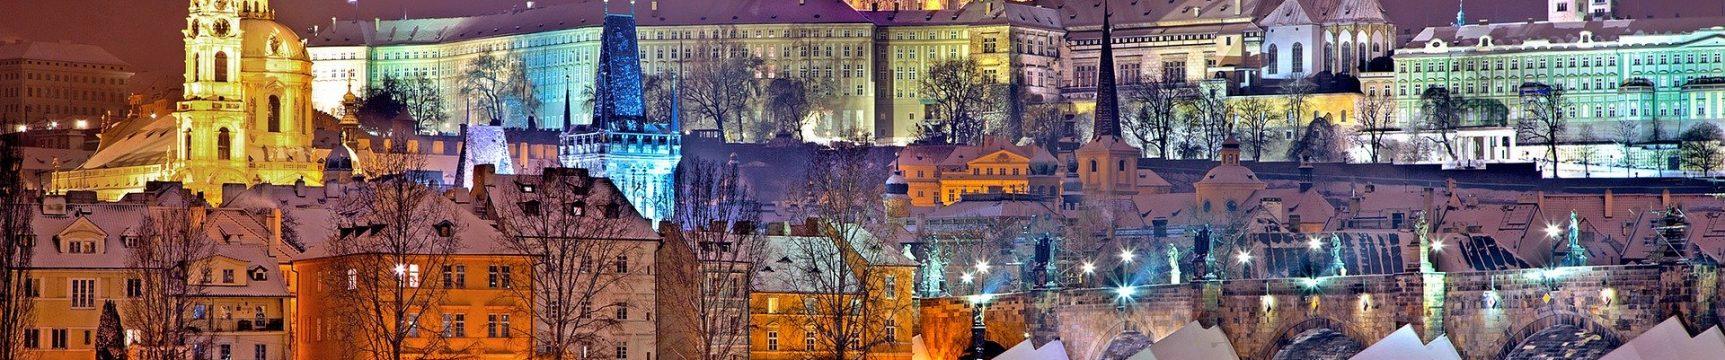 Usnesení vlády České republiky o vyhlášení nouzového stavu